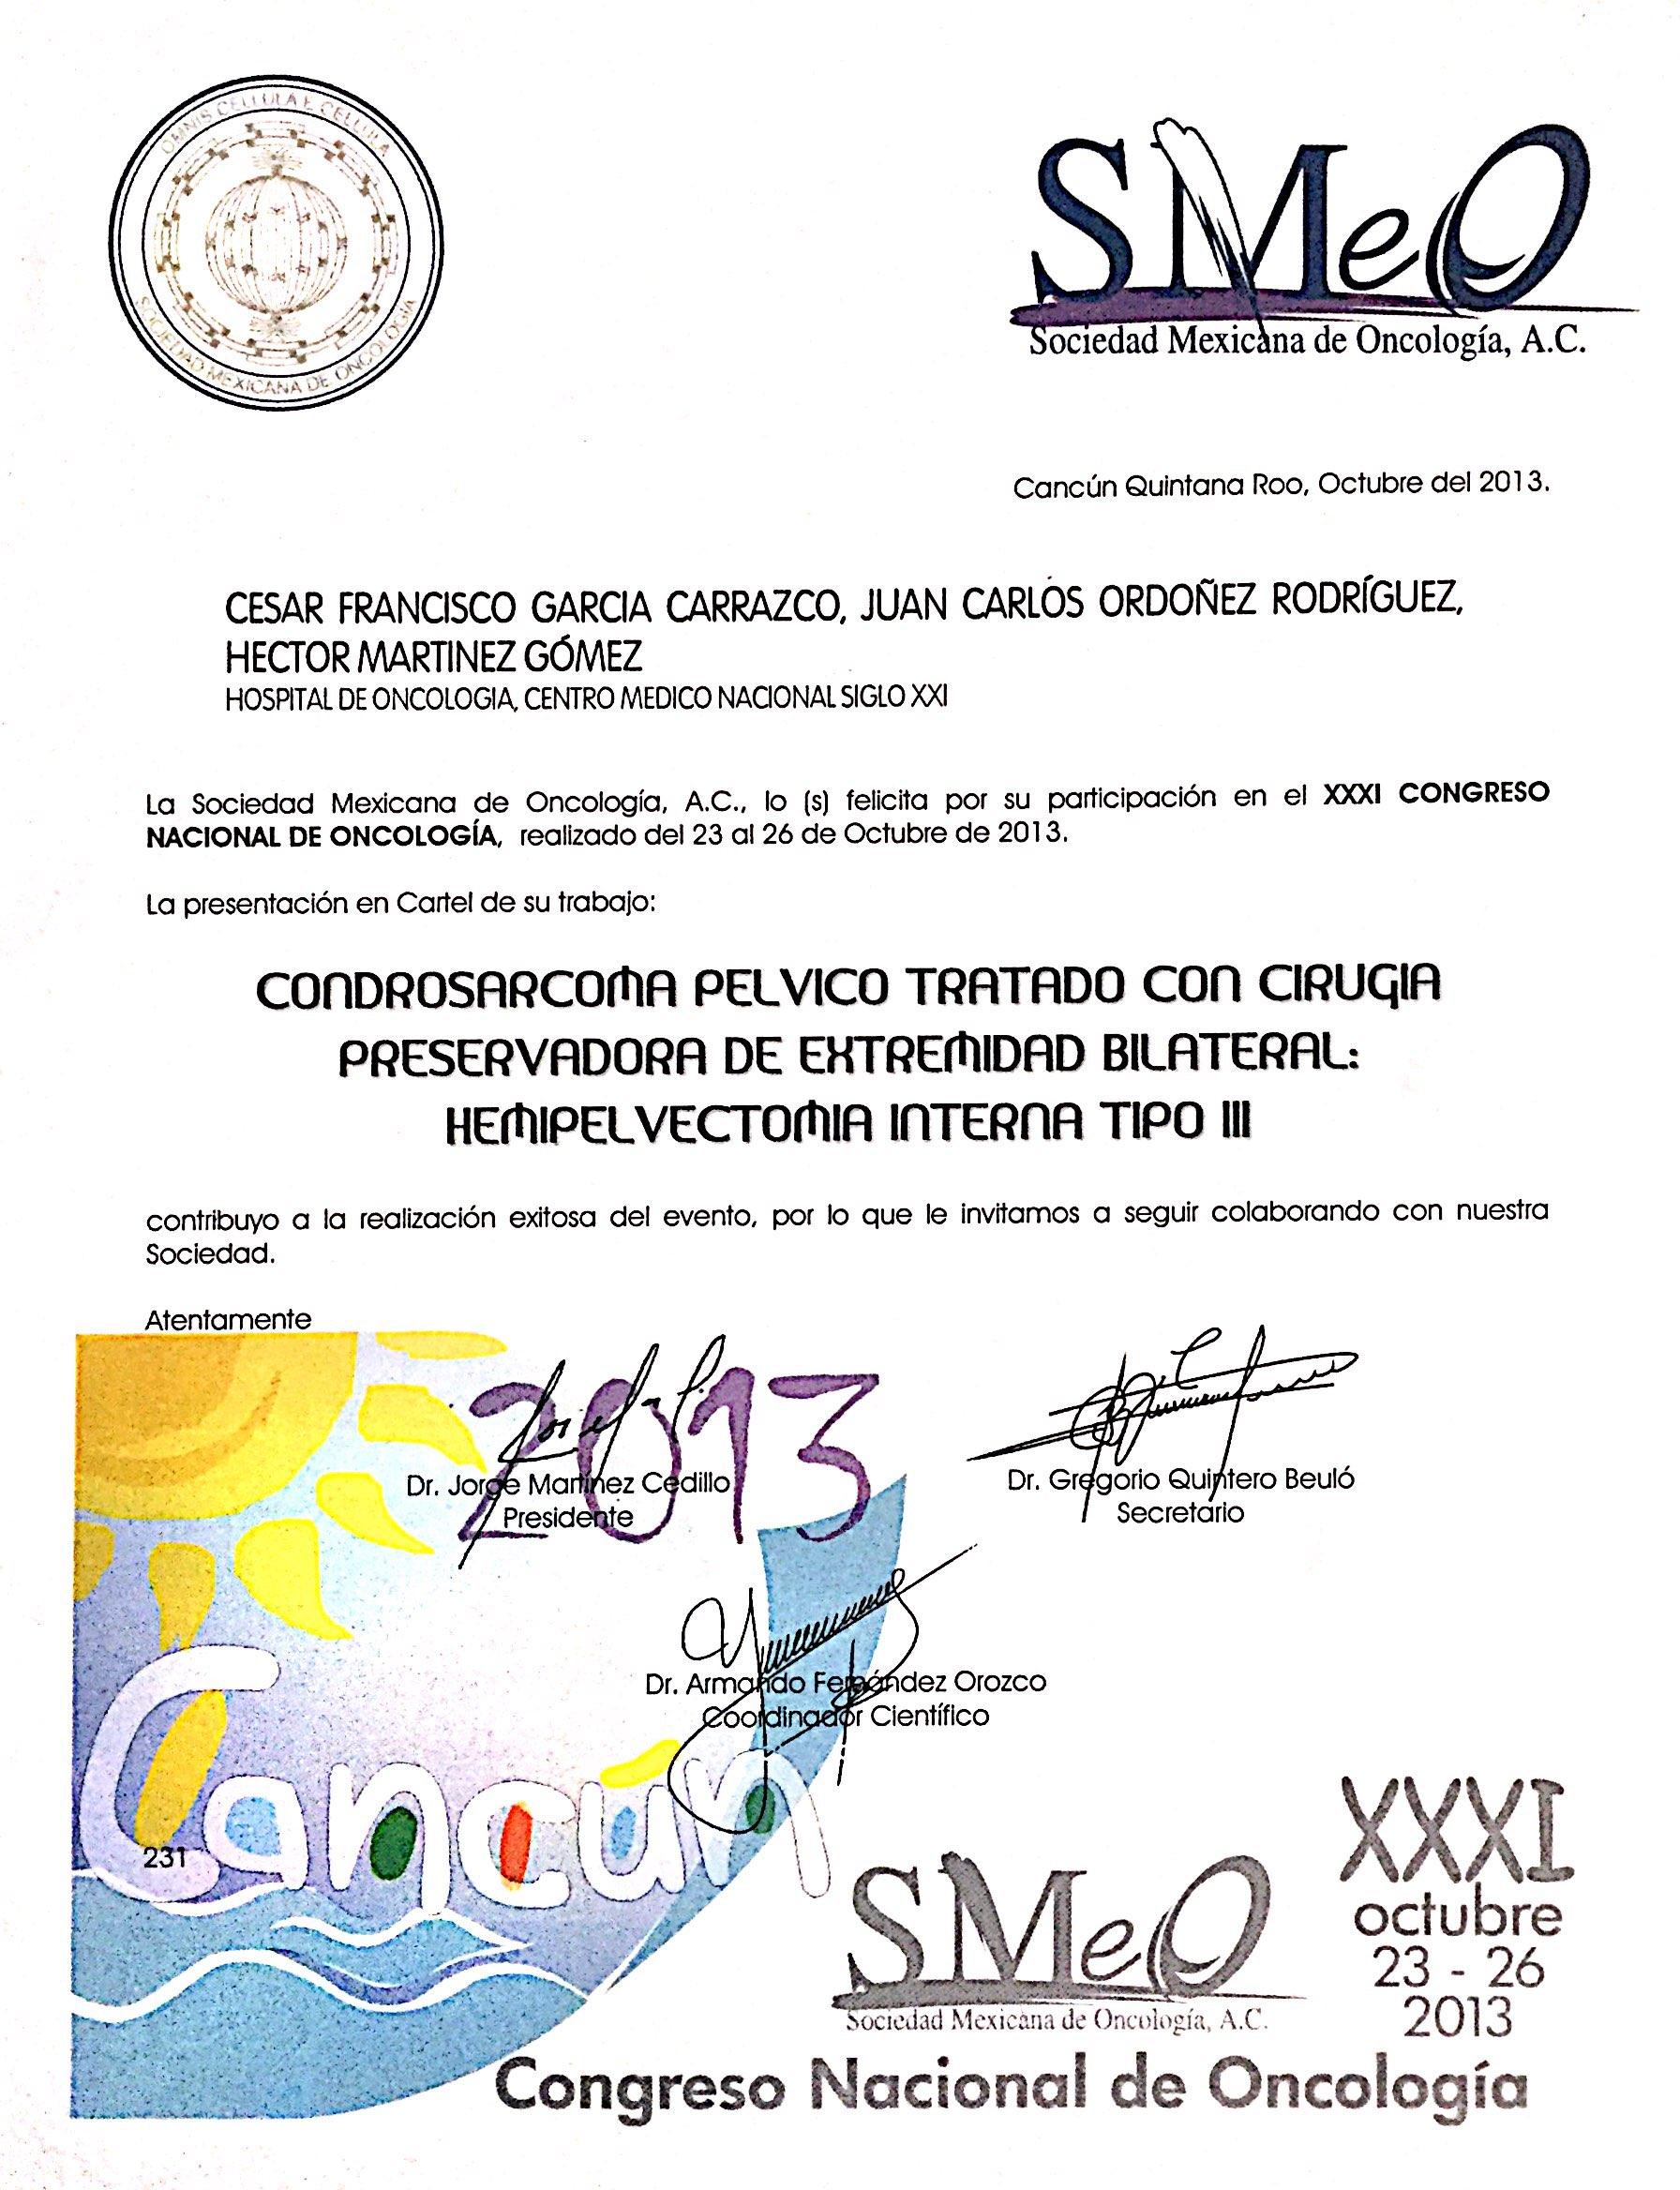 Dr. Garcia Carrazco_66